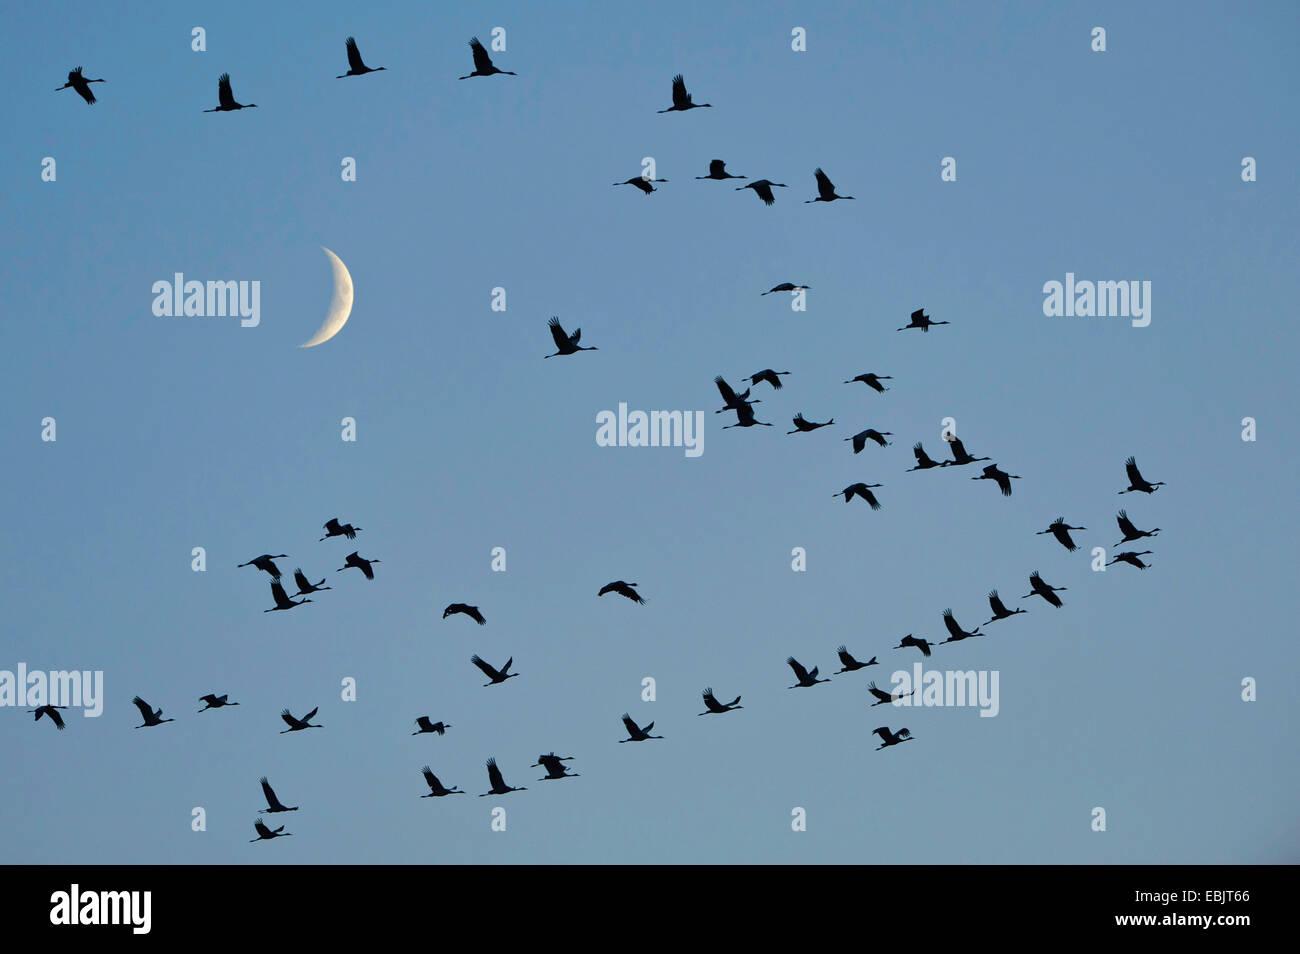 Comune, Gru Gru eurasiatica (grus grus), la migrazione degli uccelli nella parte anteriore della luna, Germania, Bassa Sassonia Foto Stock